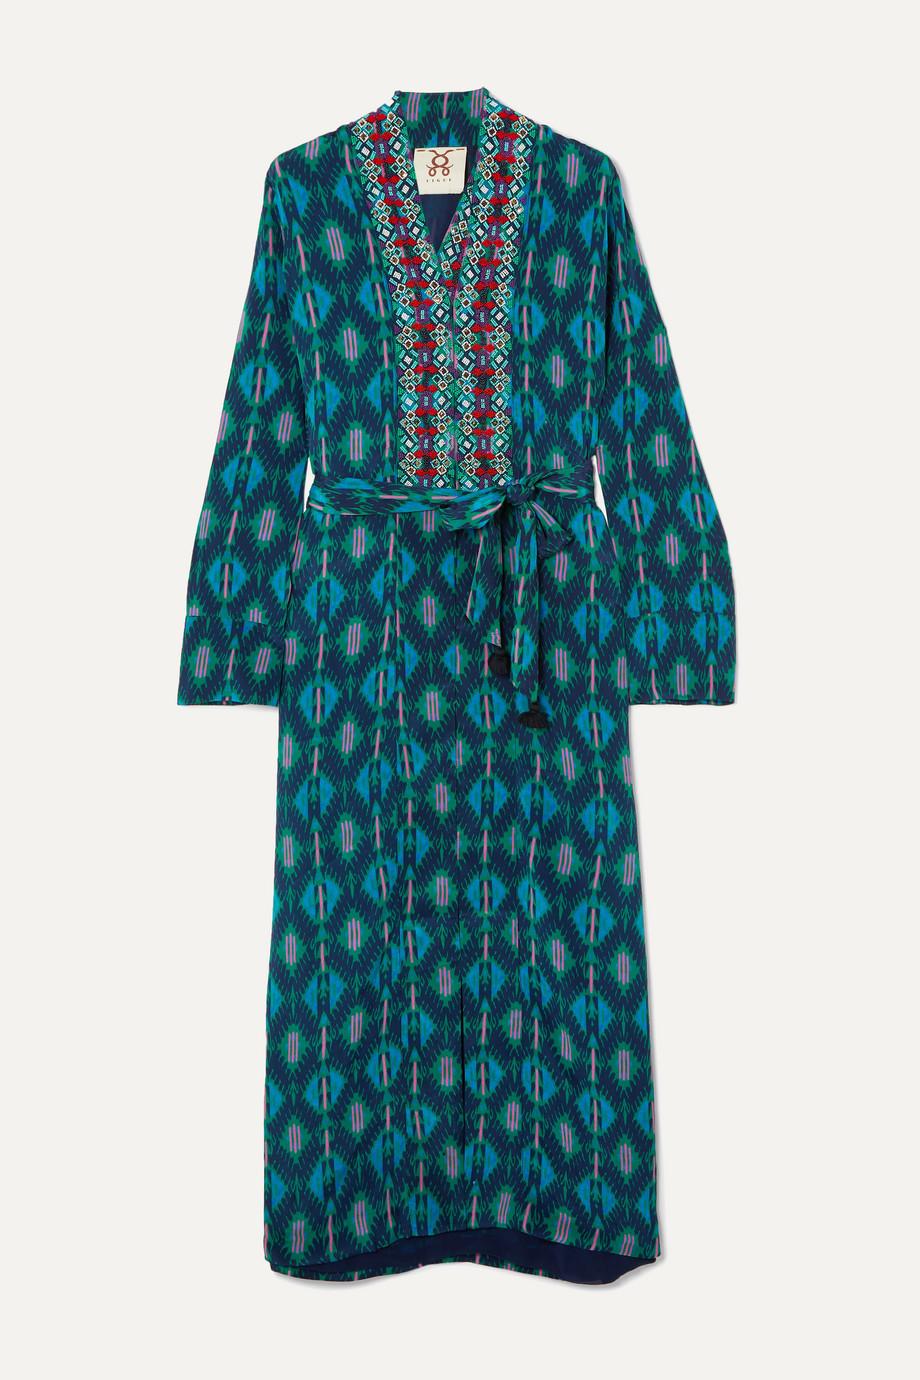 Figue | Olatz beaded printed crepe de chine coat | NET-A-PORTER.COM